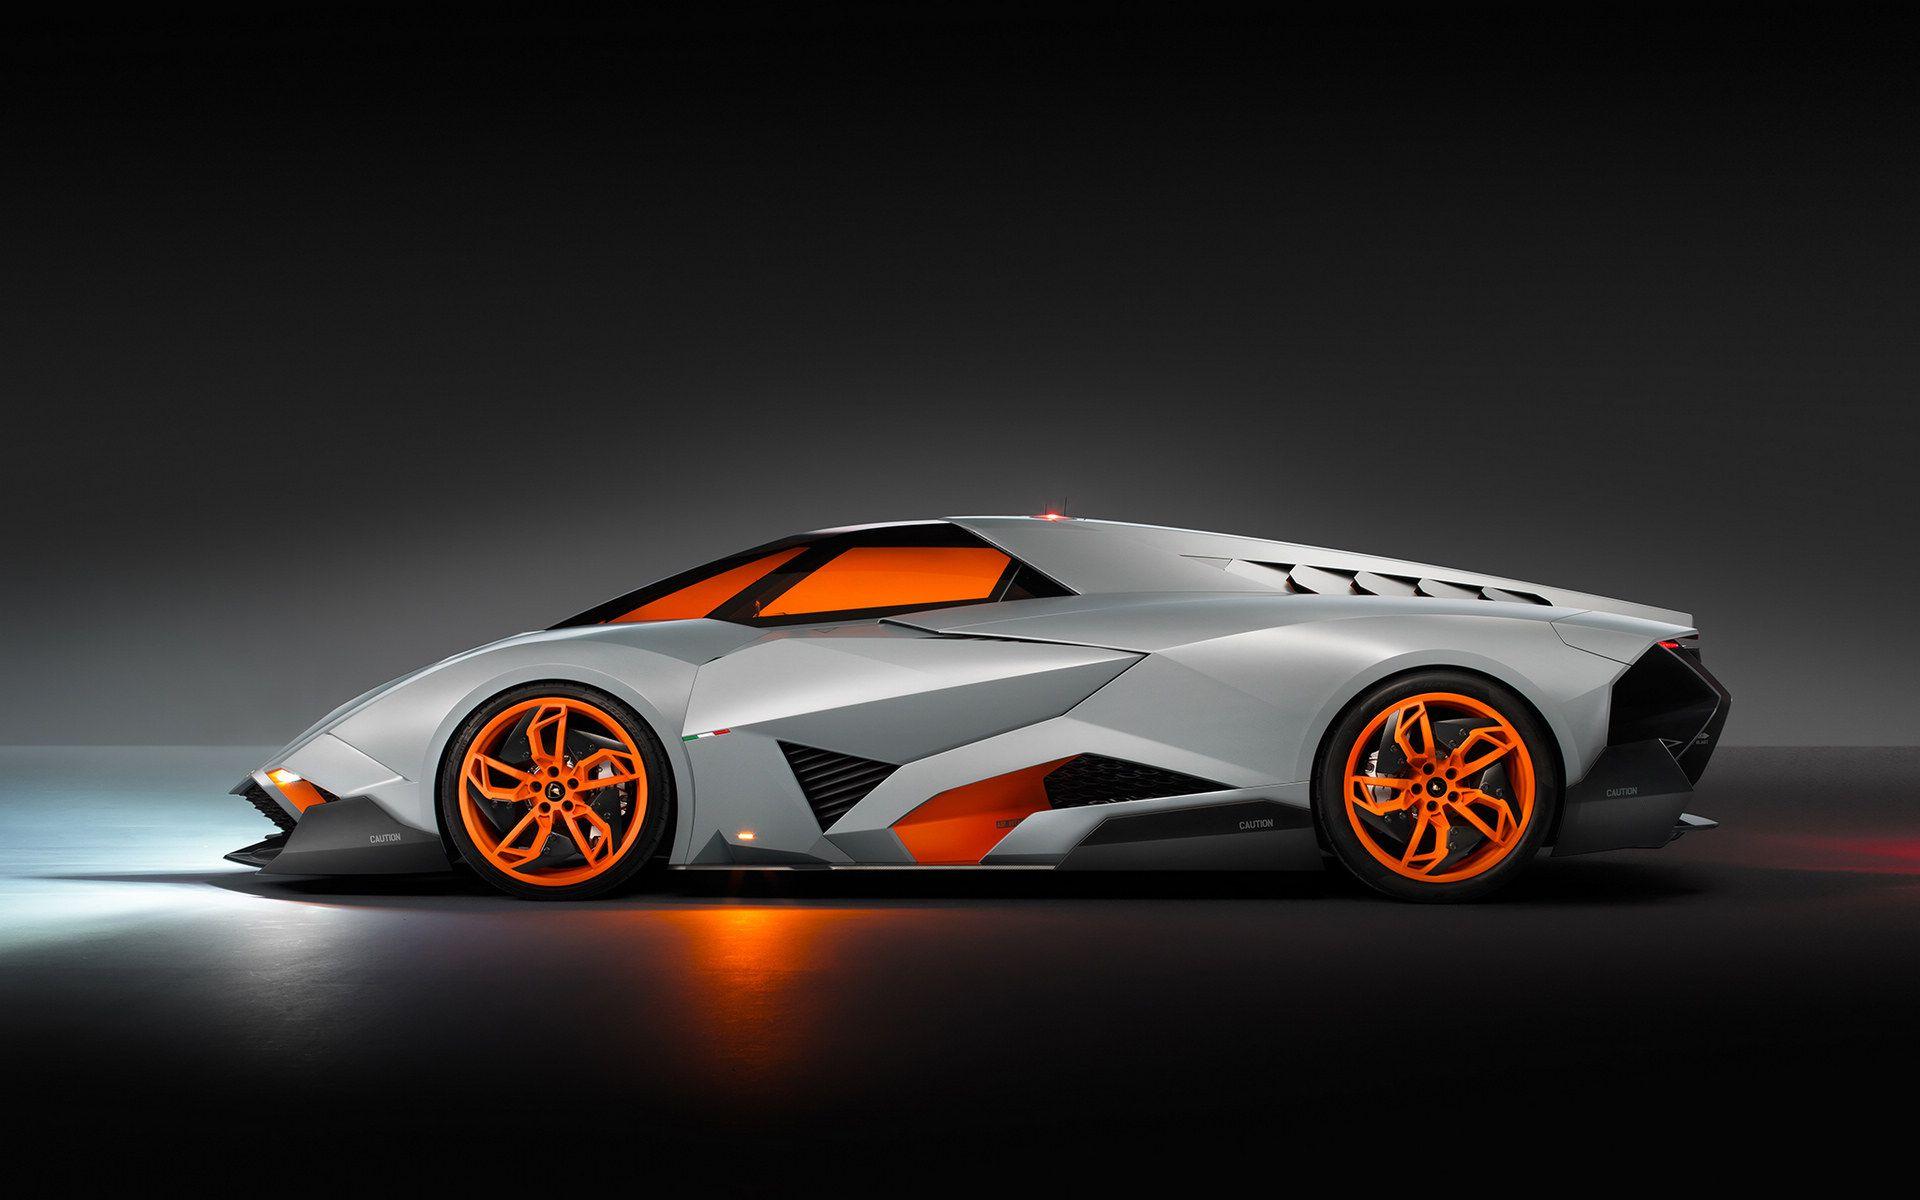 Download Lamborghini Egoista Supercar desktop backgrounds - HD Wallpaper Download